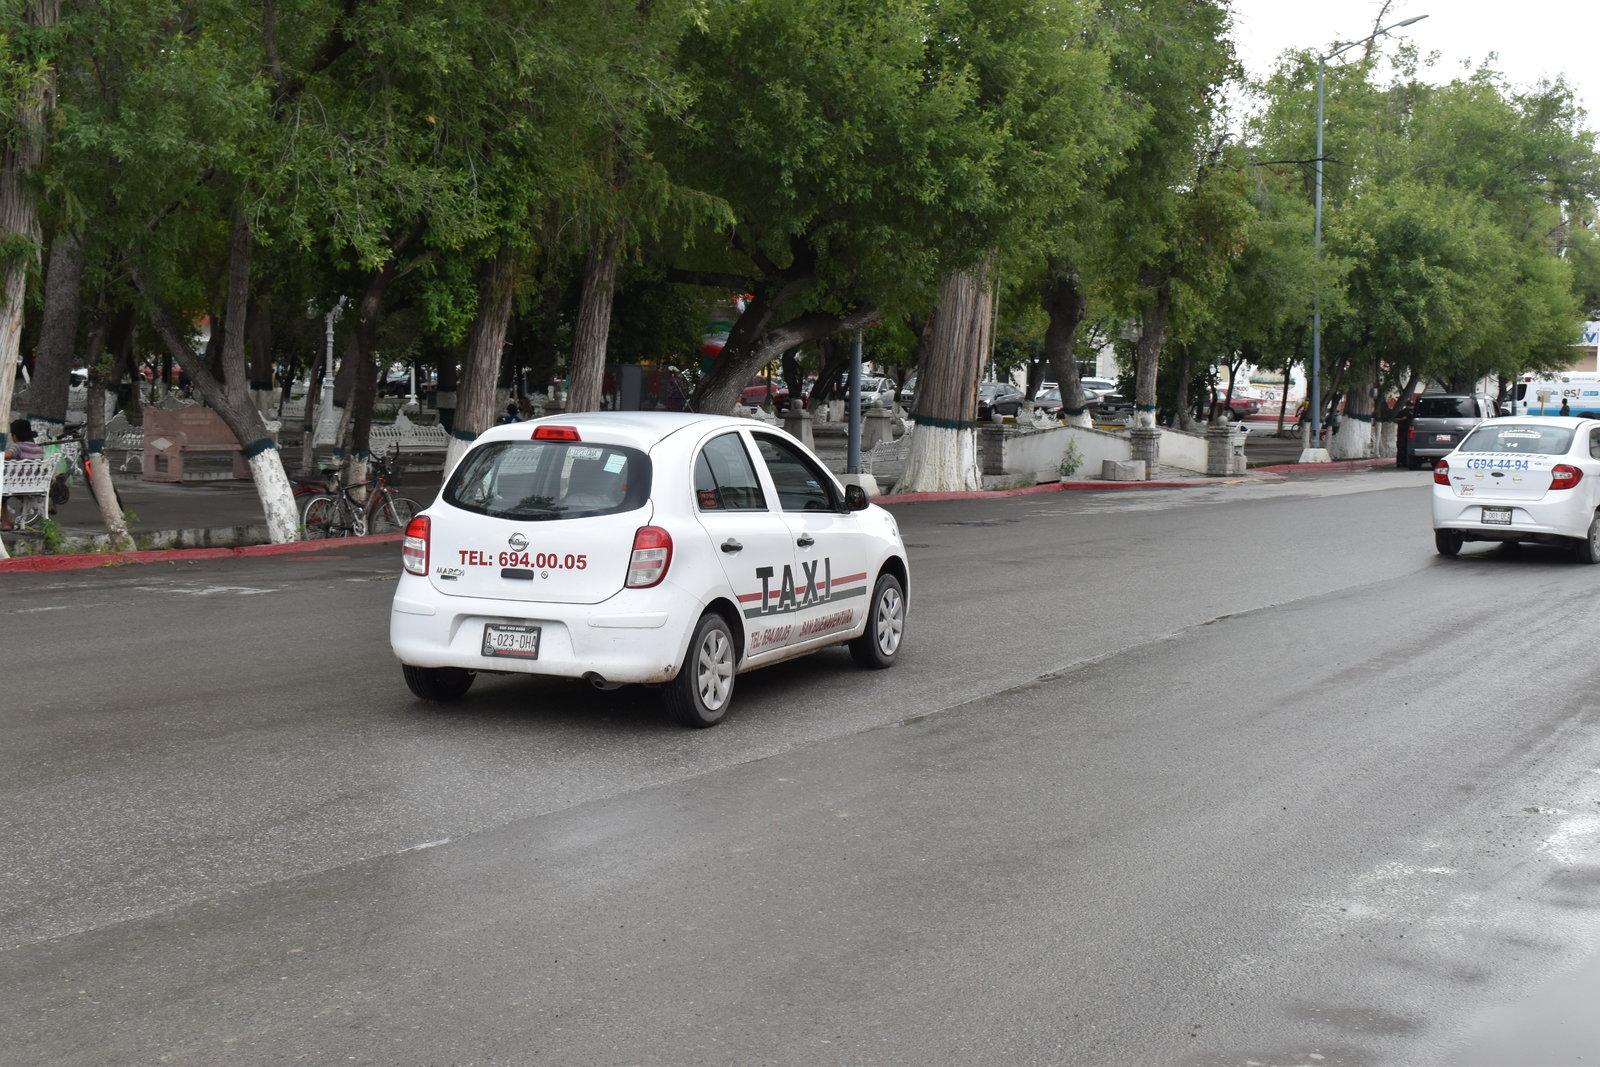 Ser taxista ya no es  negocio, pandemia los obliga a renunciar